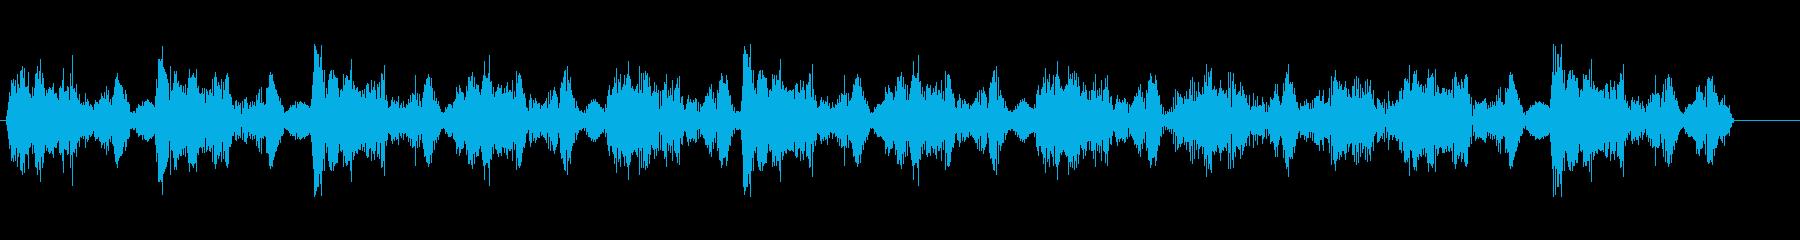 アンビエンス、段階的チョッピングフ...の再生済みの波形